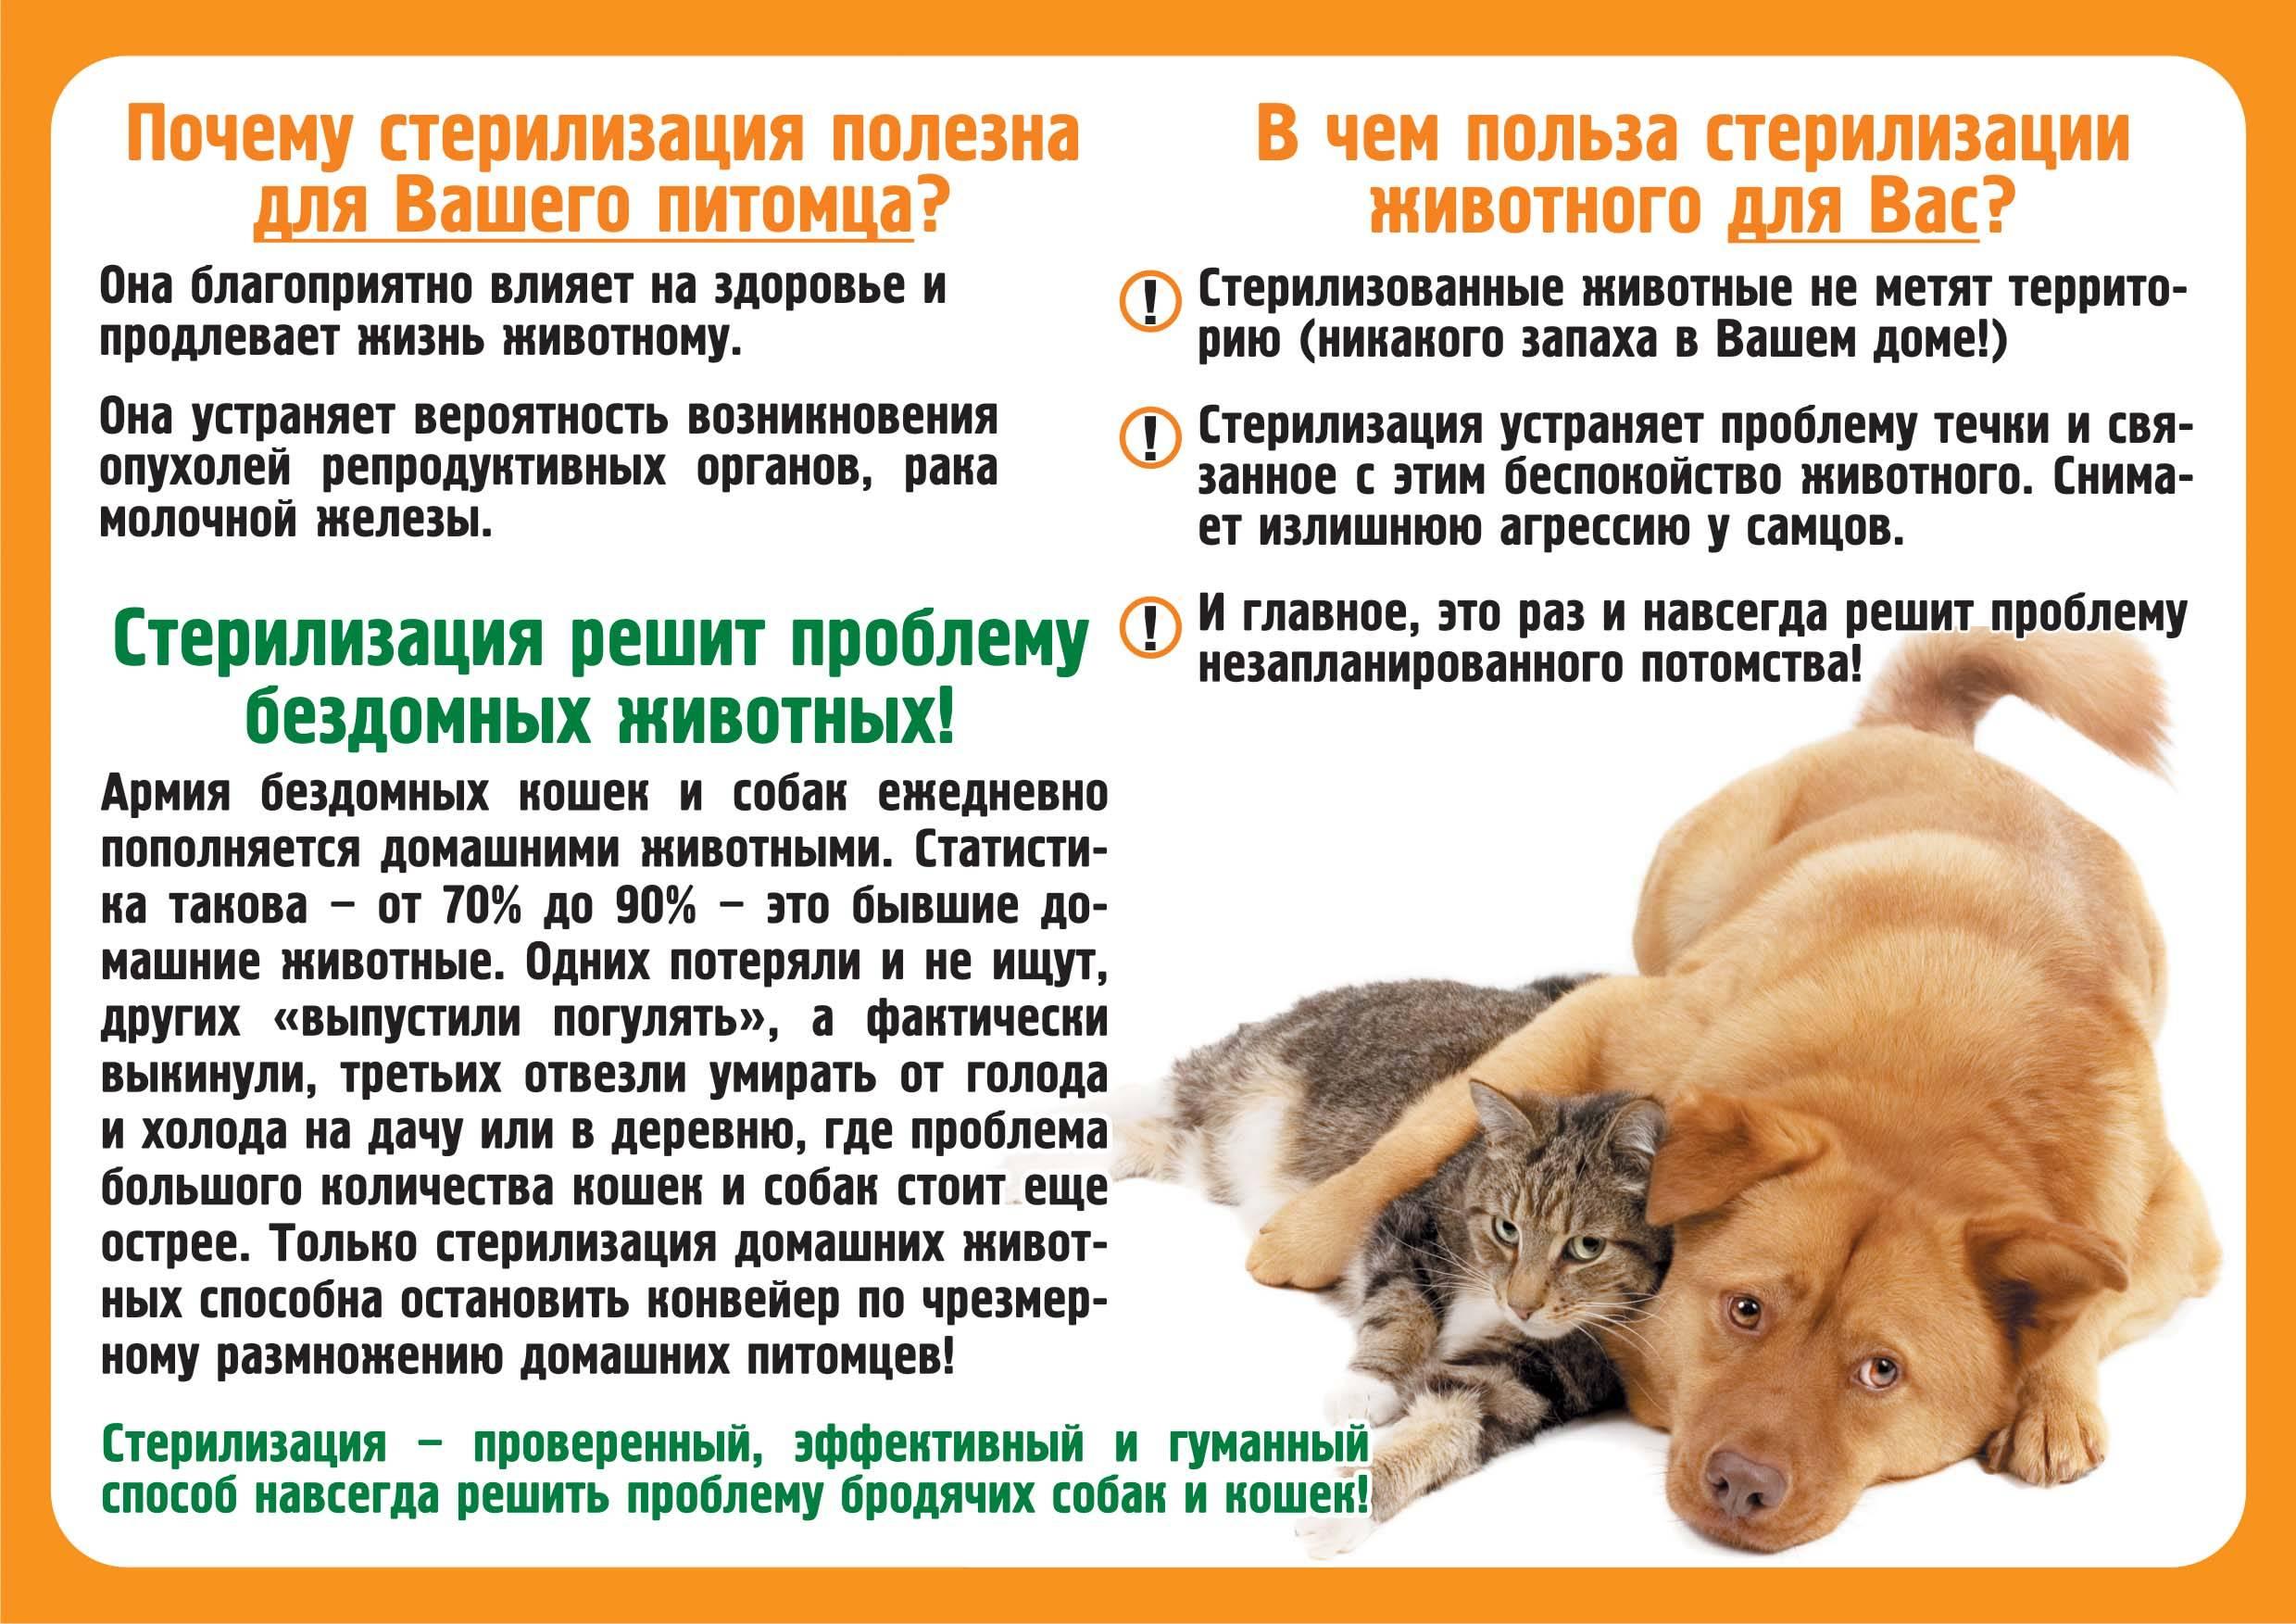 Собака плохо ест и вялая. что делать, если собака ничего не ест и постоянно вялая